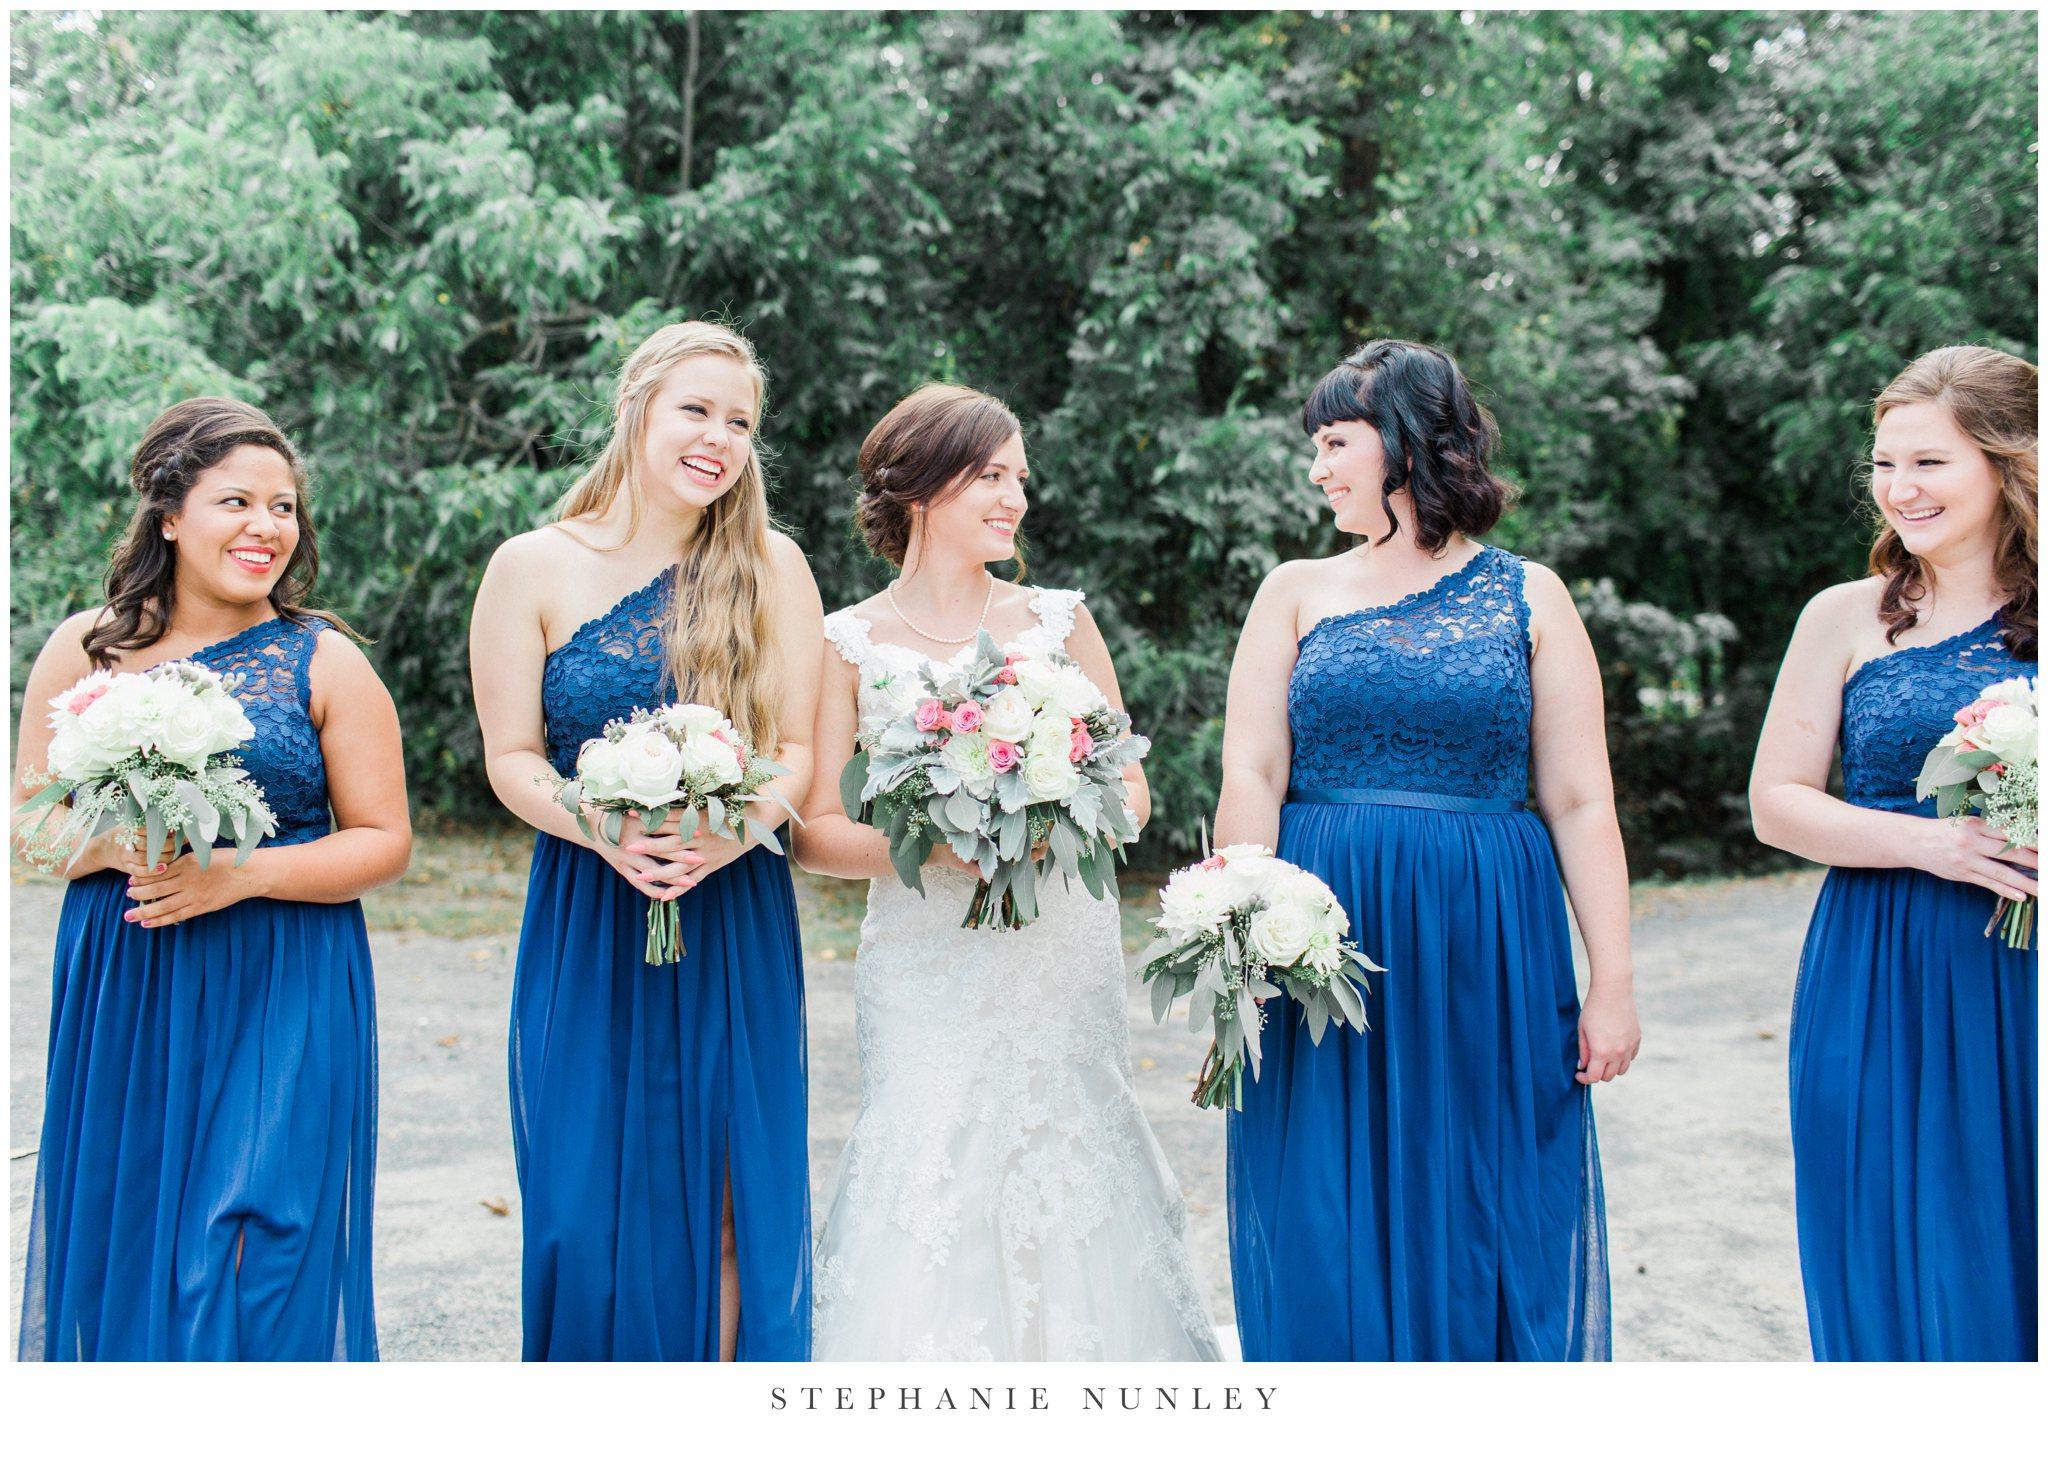 arkansas-outdoor-film-inspired-wedding-0052.jpg